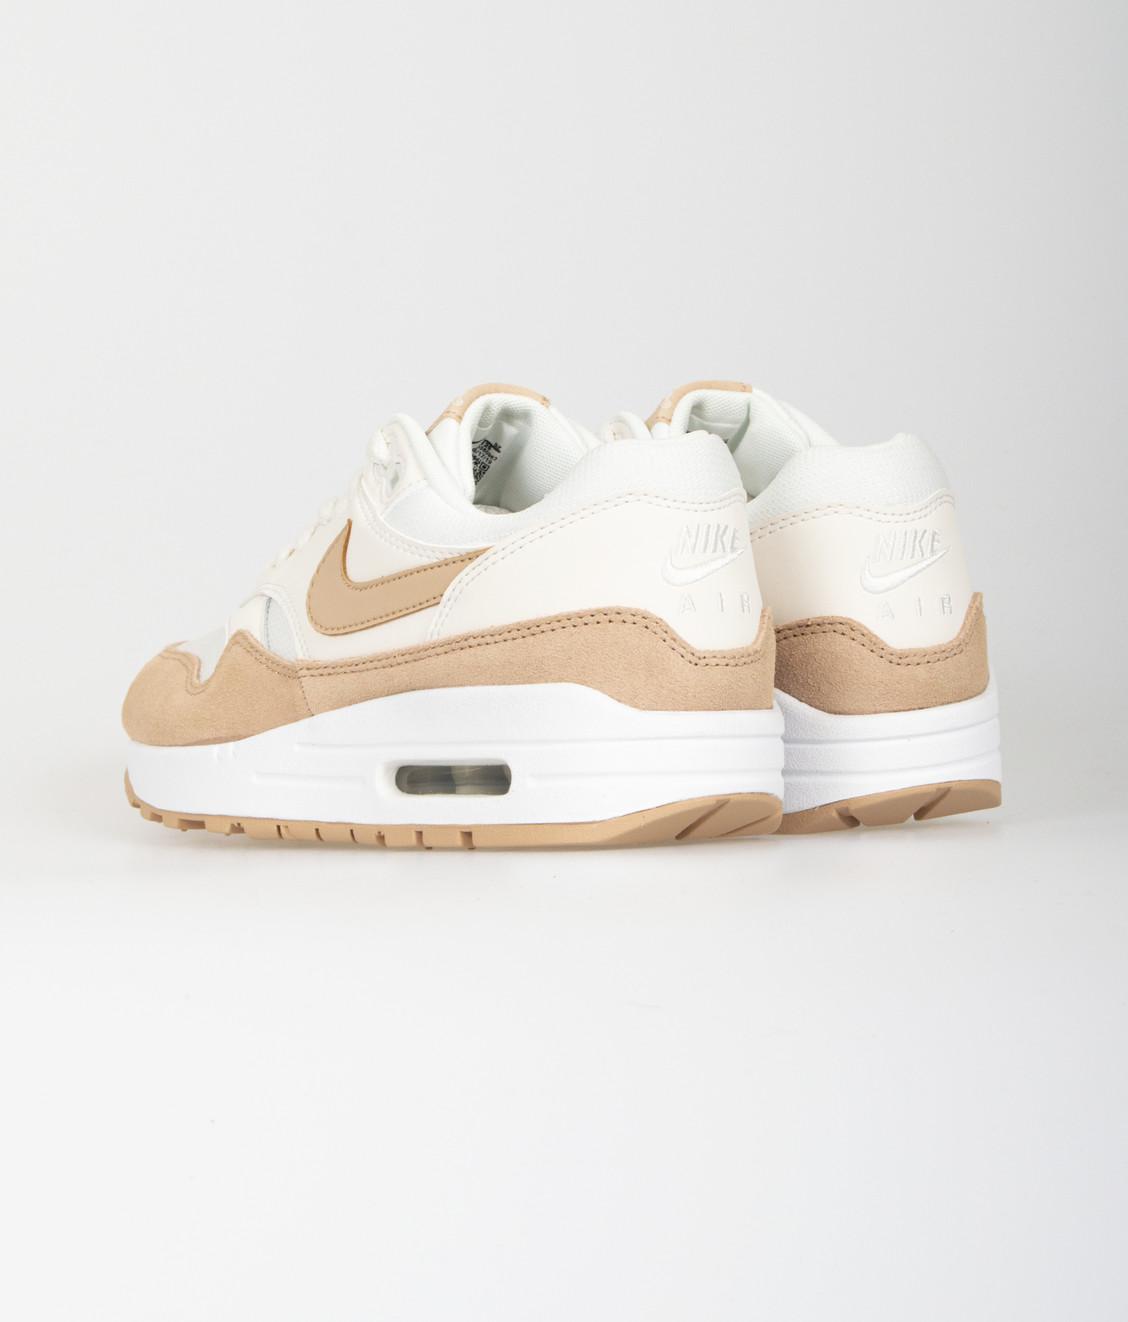 Nike Nike W Air Max 1 Summit White Bio Beige